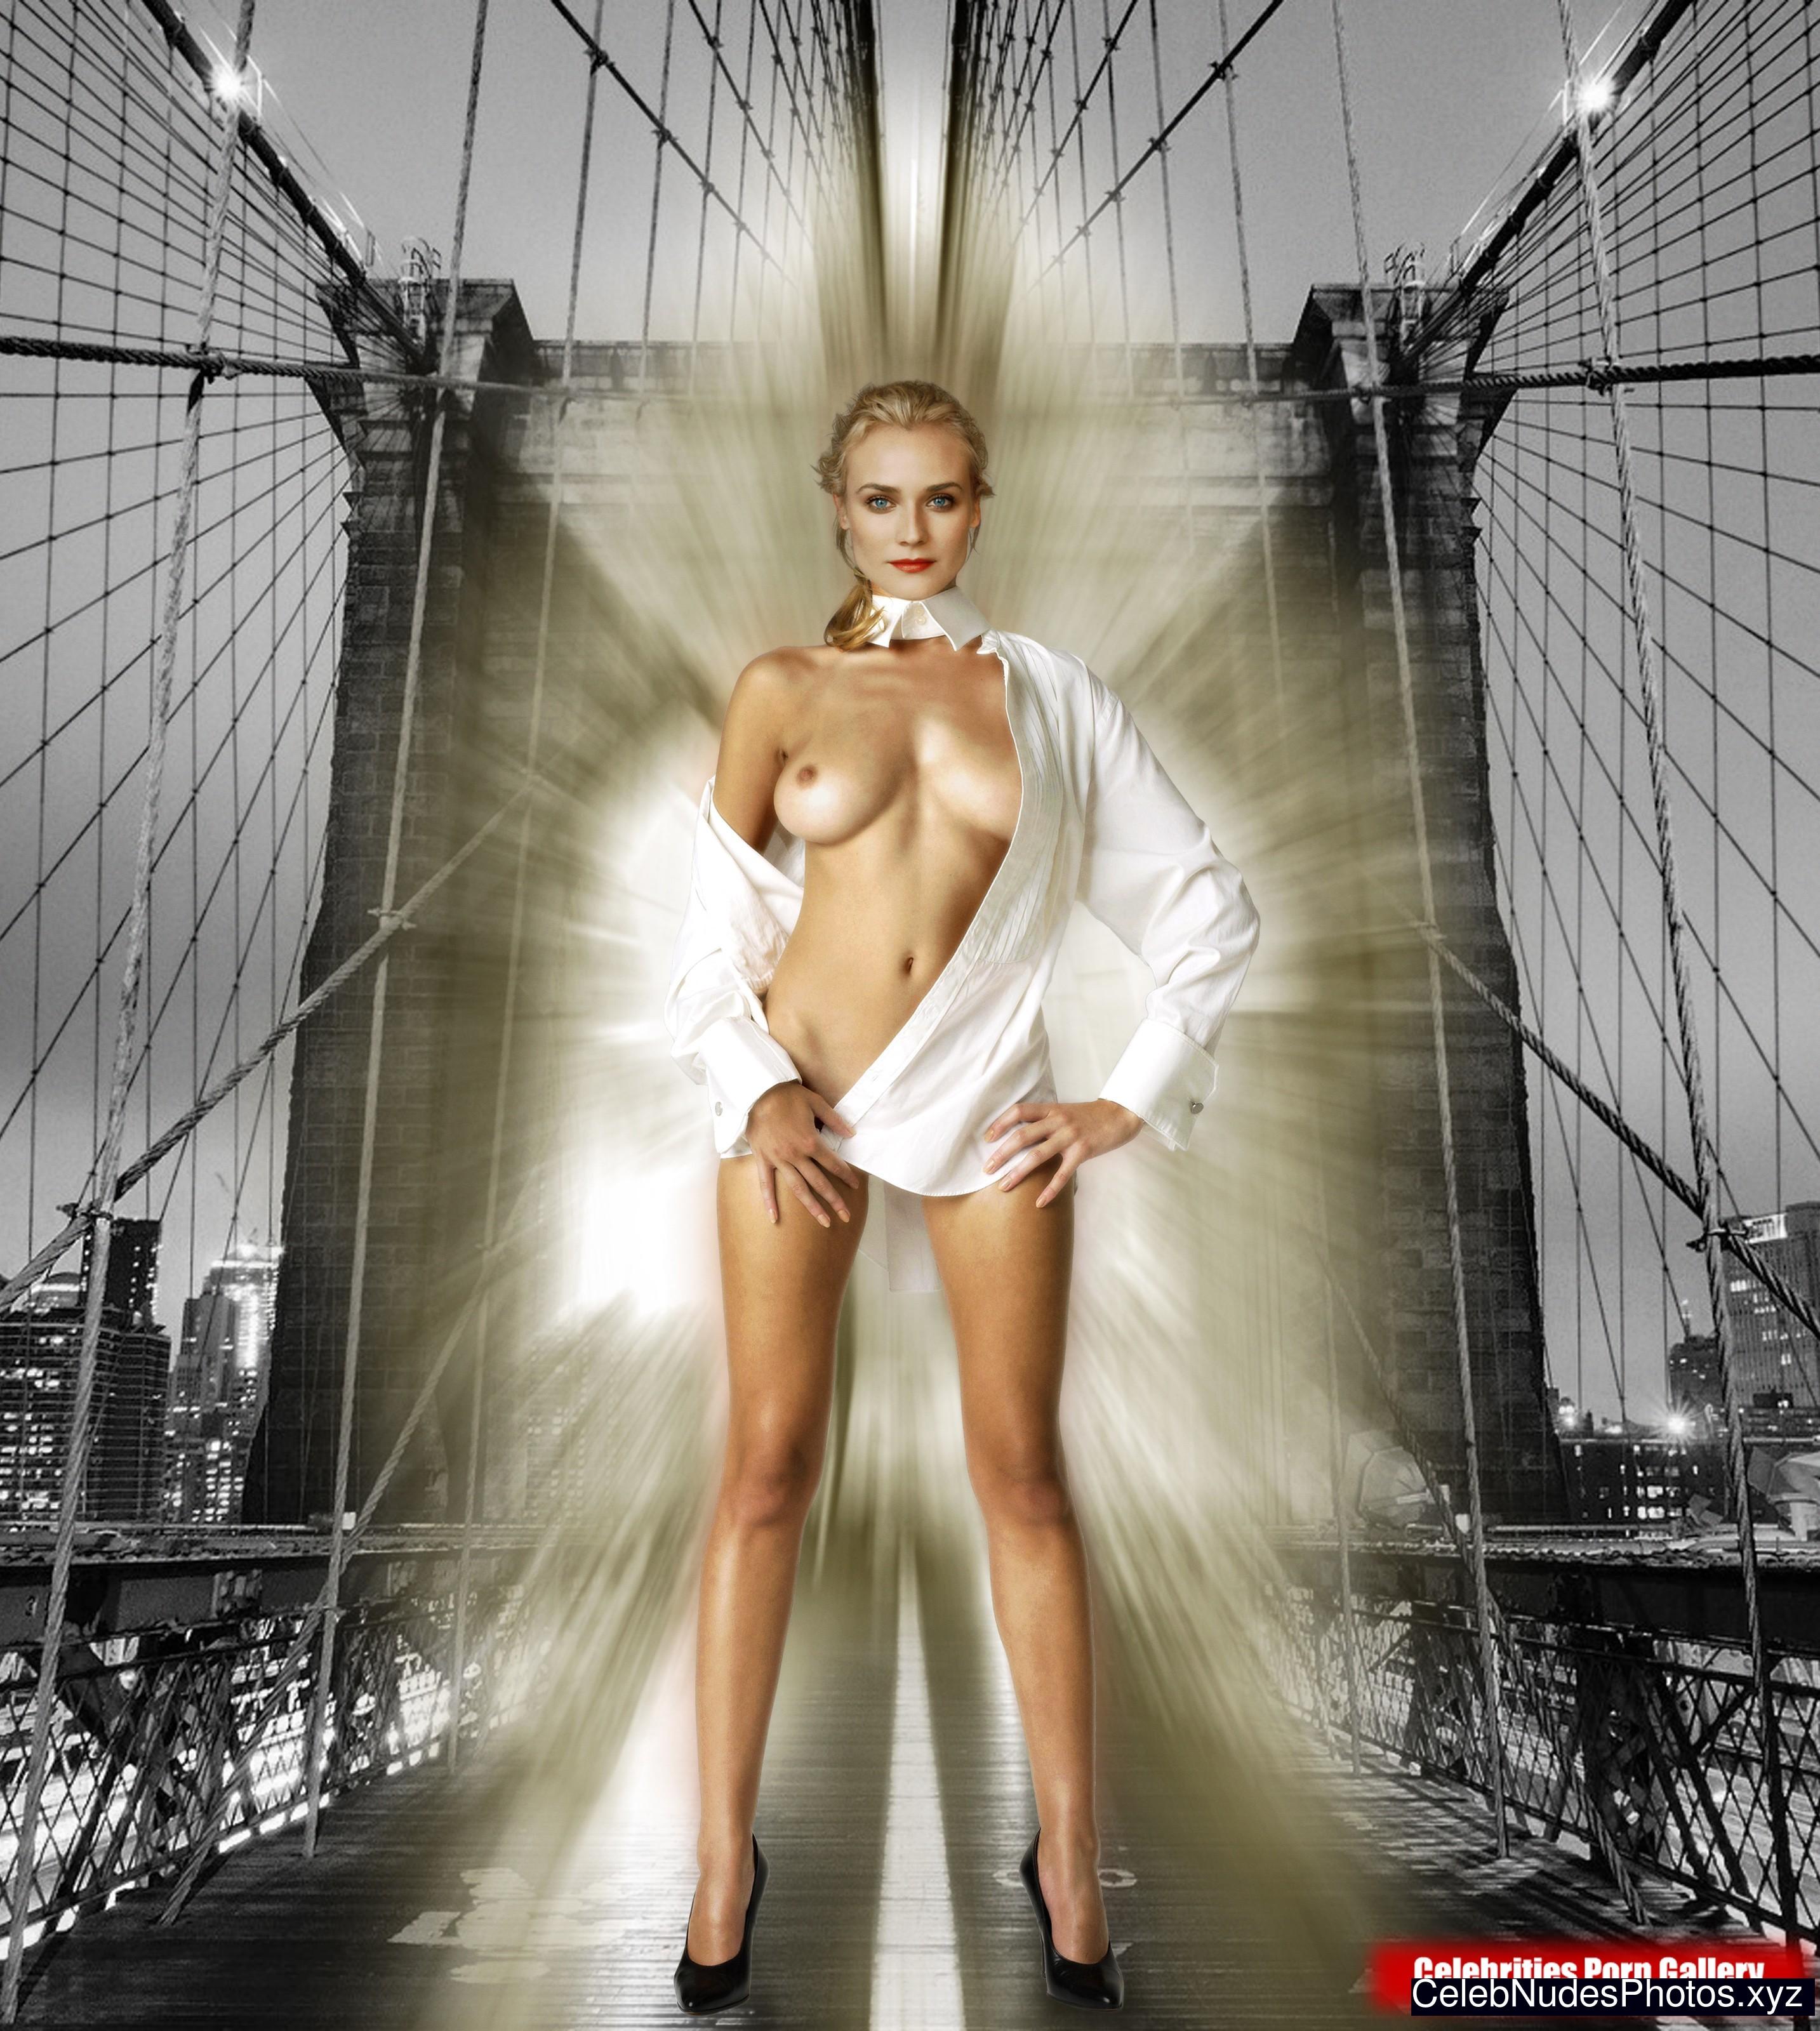 Diane Kruger nude celebrity